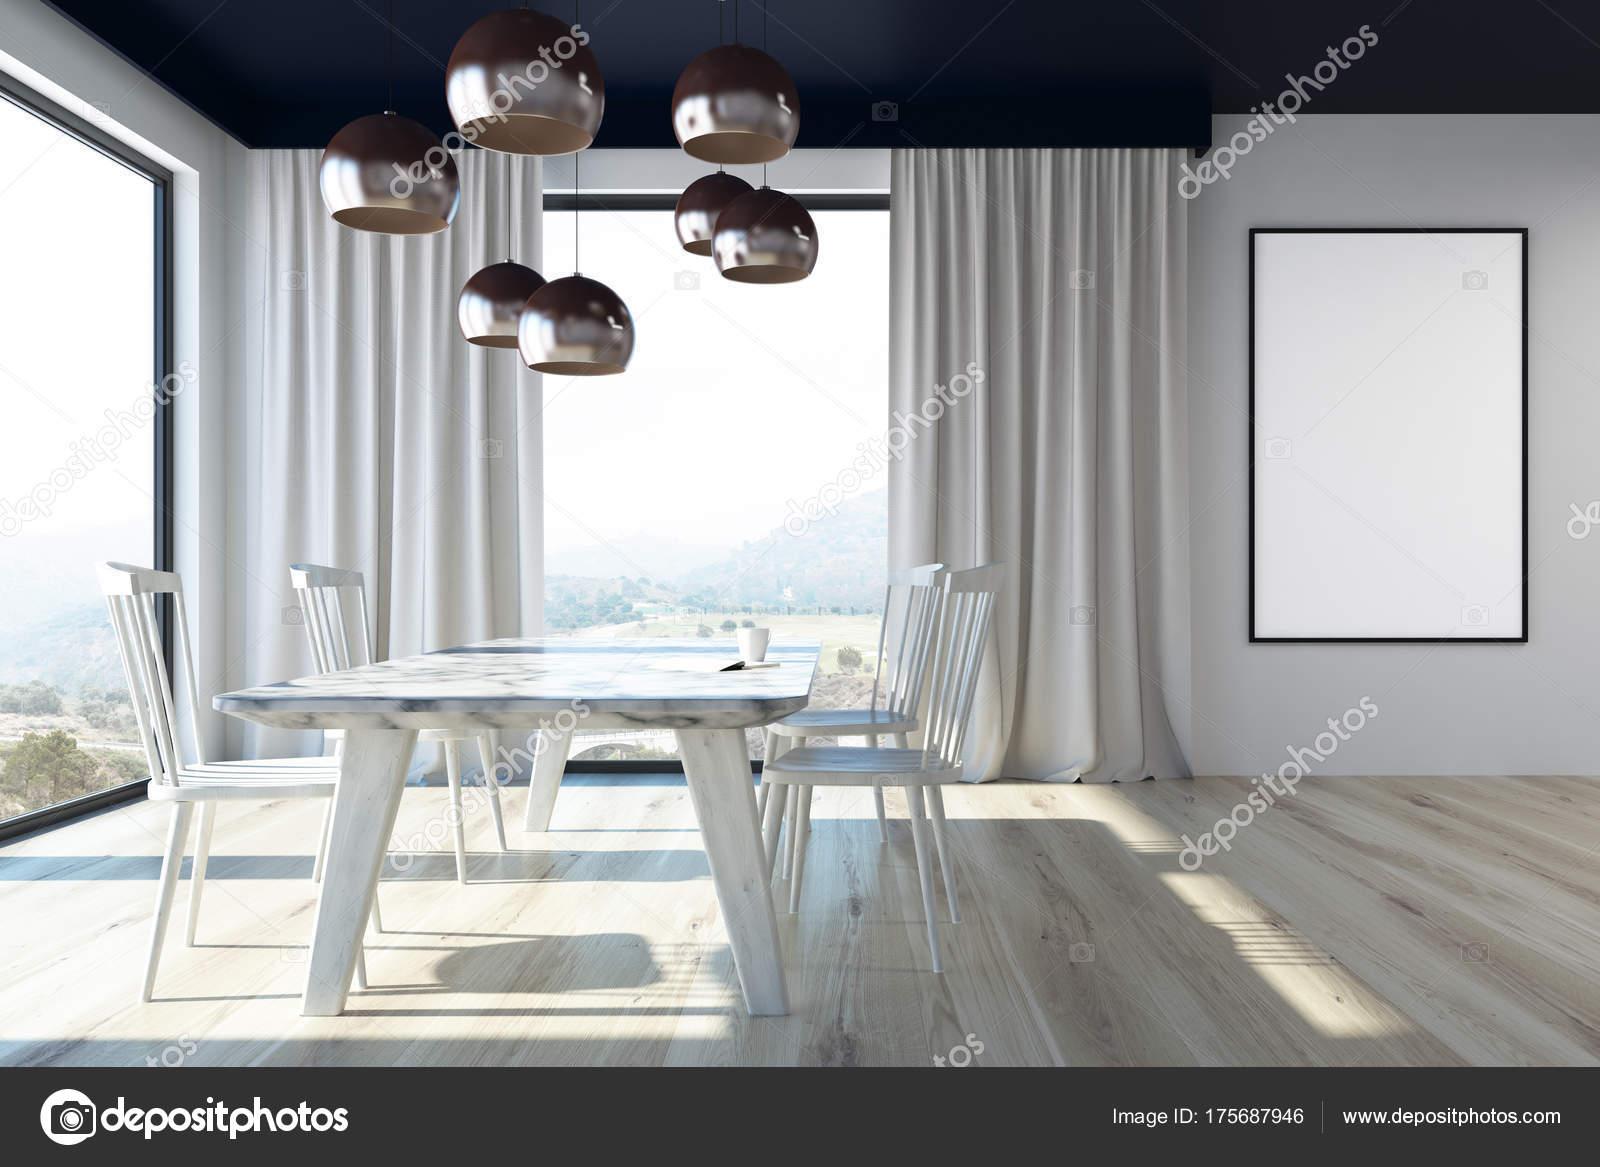 Grigio sala da pranzo con un tavolo di marmo poster u2014 foto stock